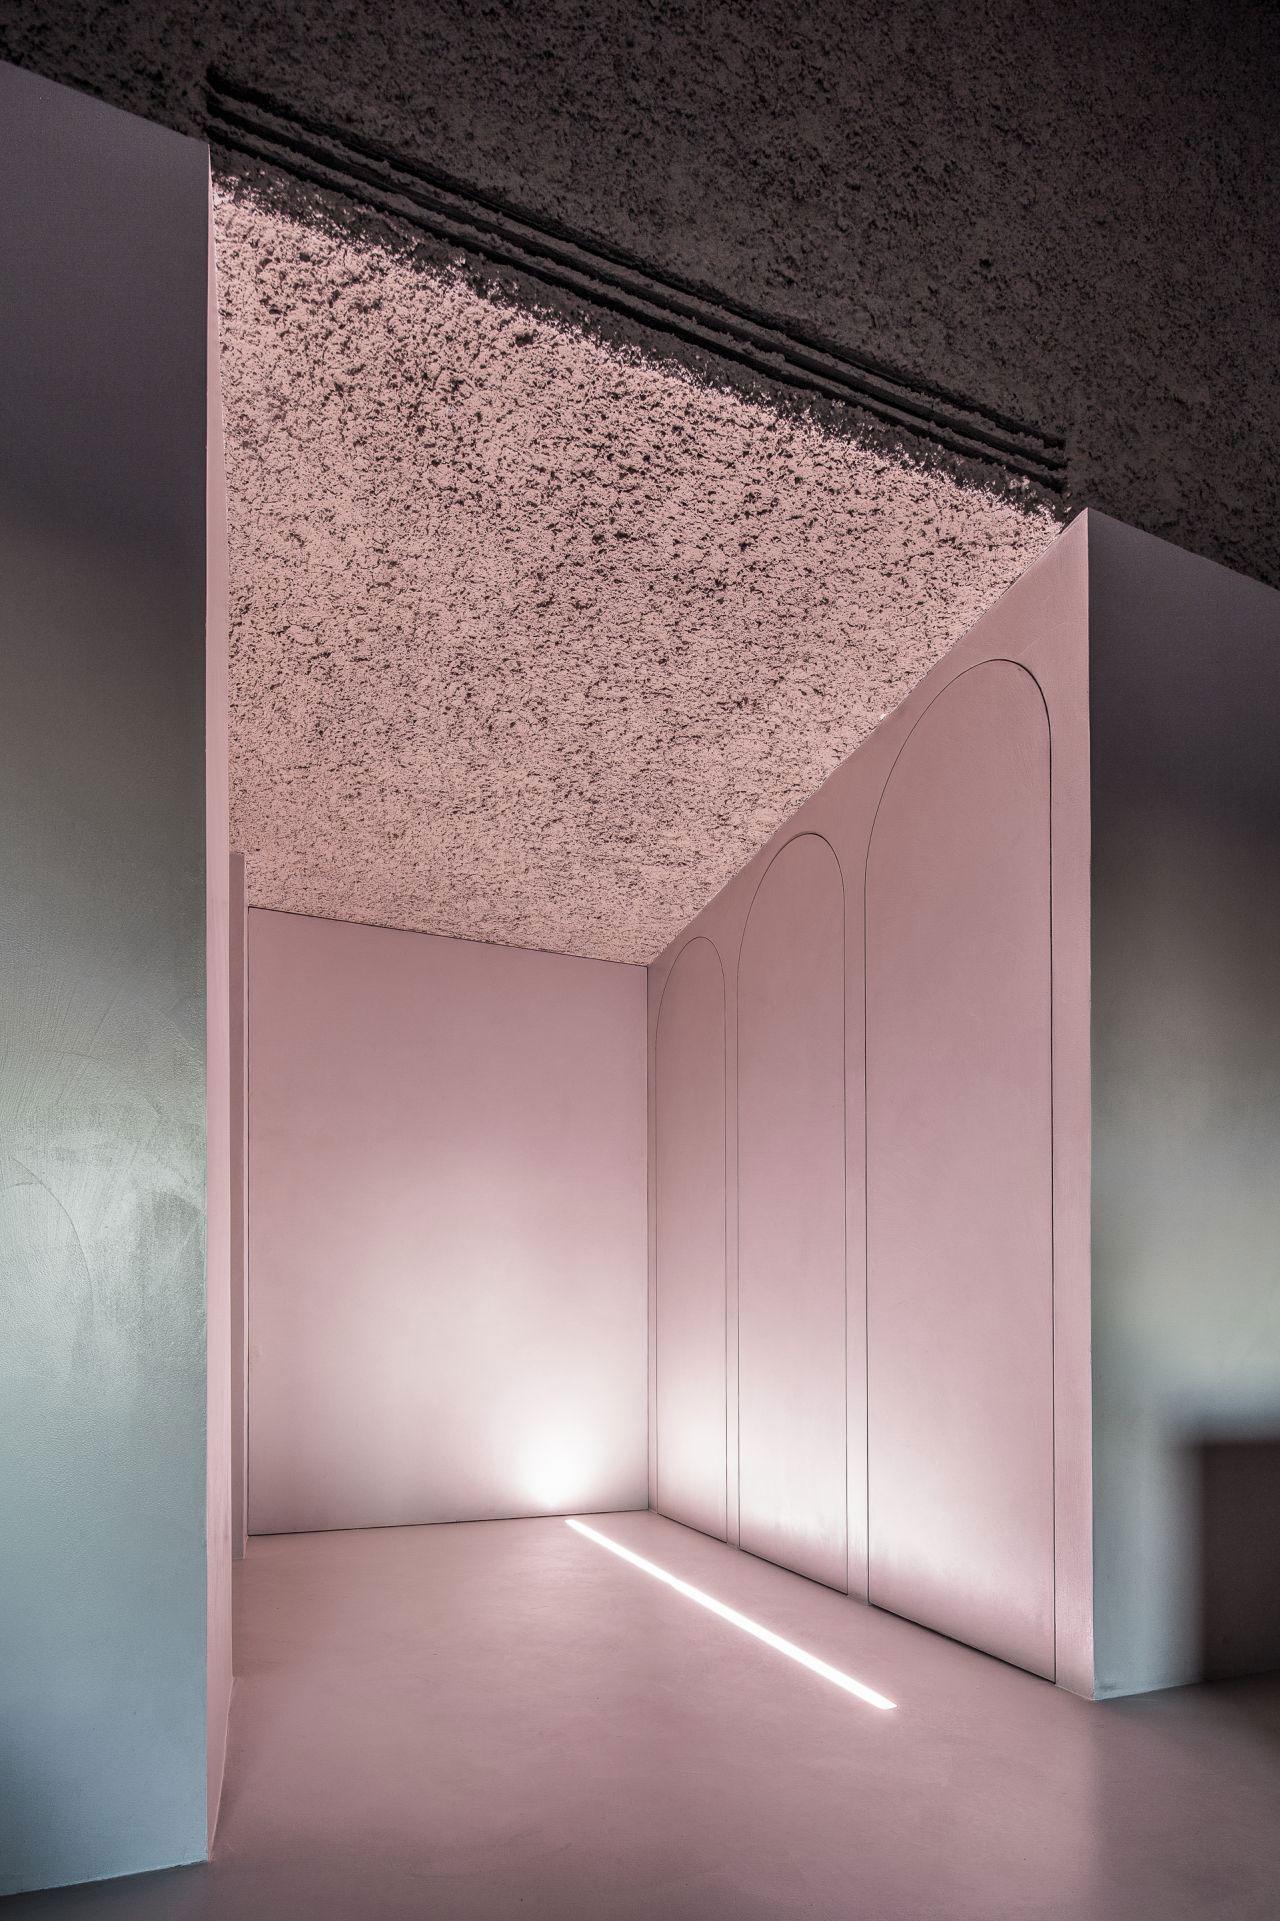 Antonino Cardillo, House of Dust in Rome, Italy   Yellowtrace.